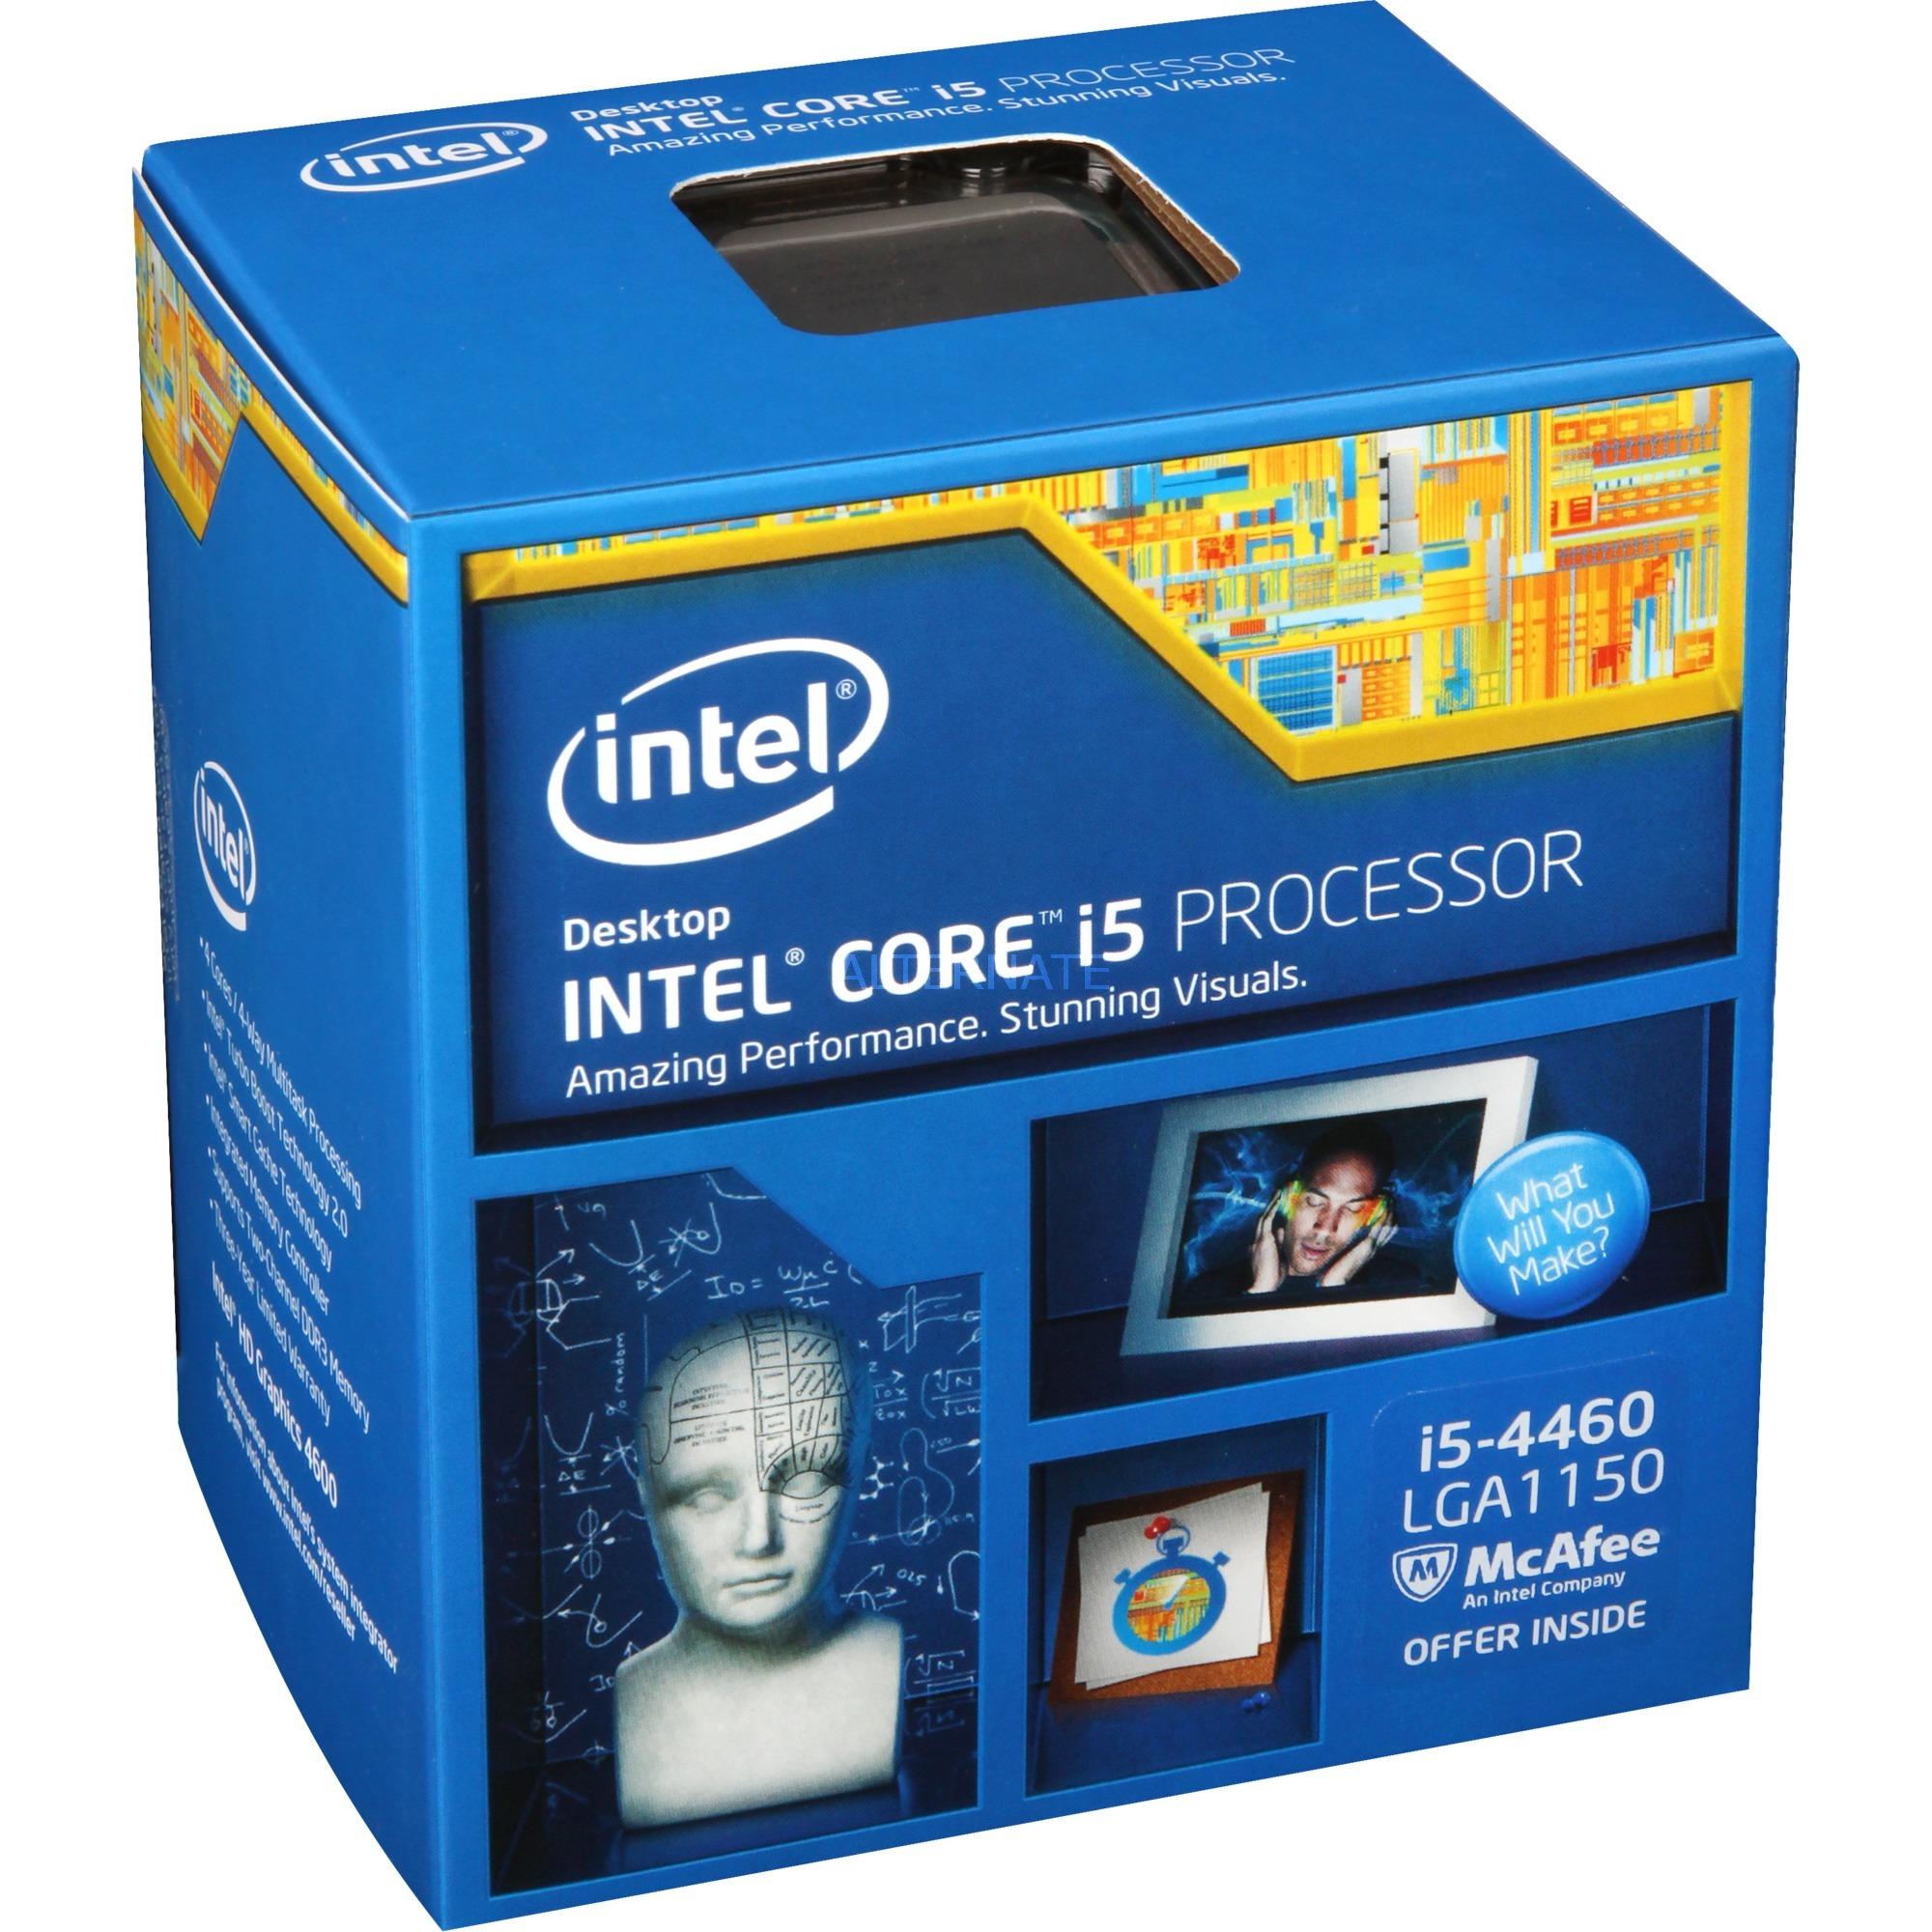 Core i5-4460